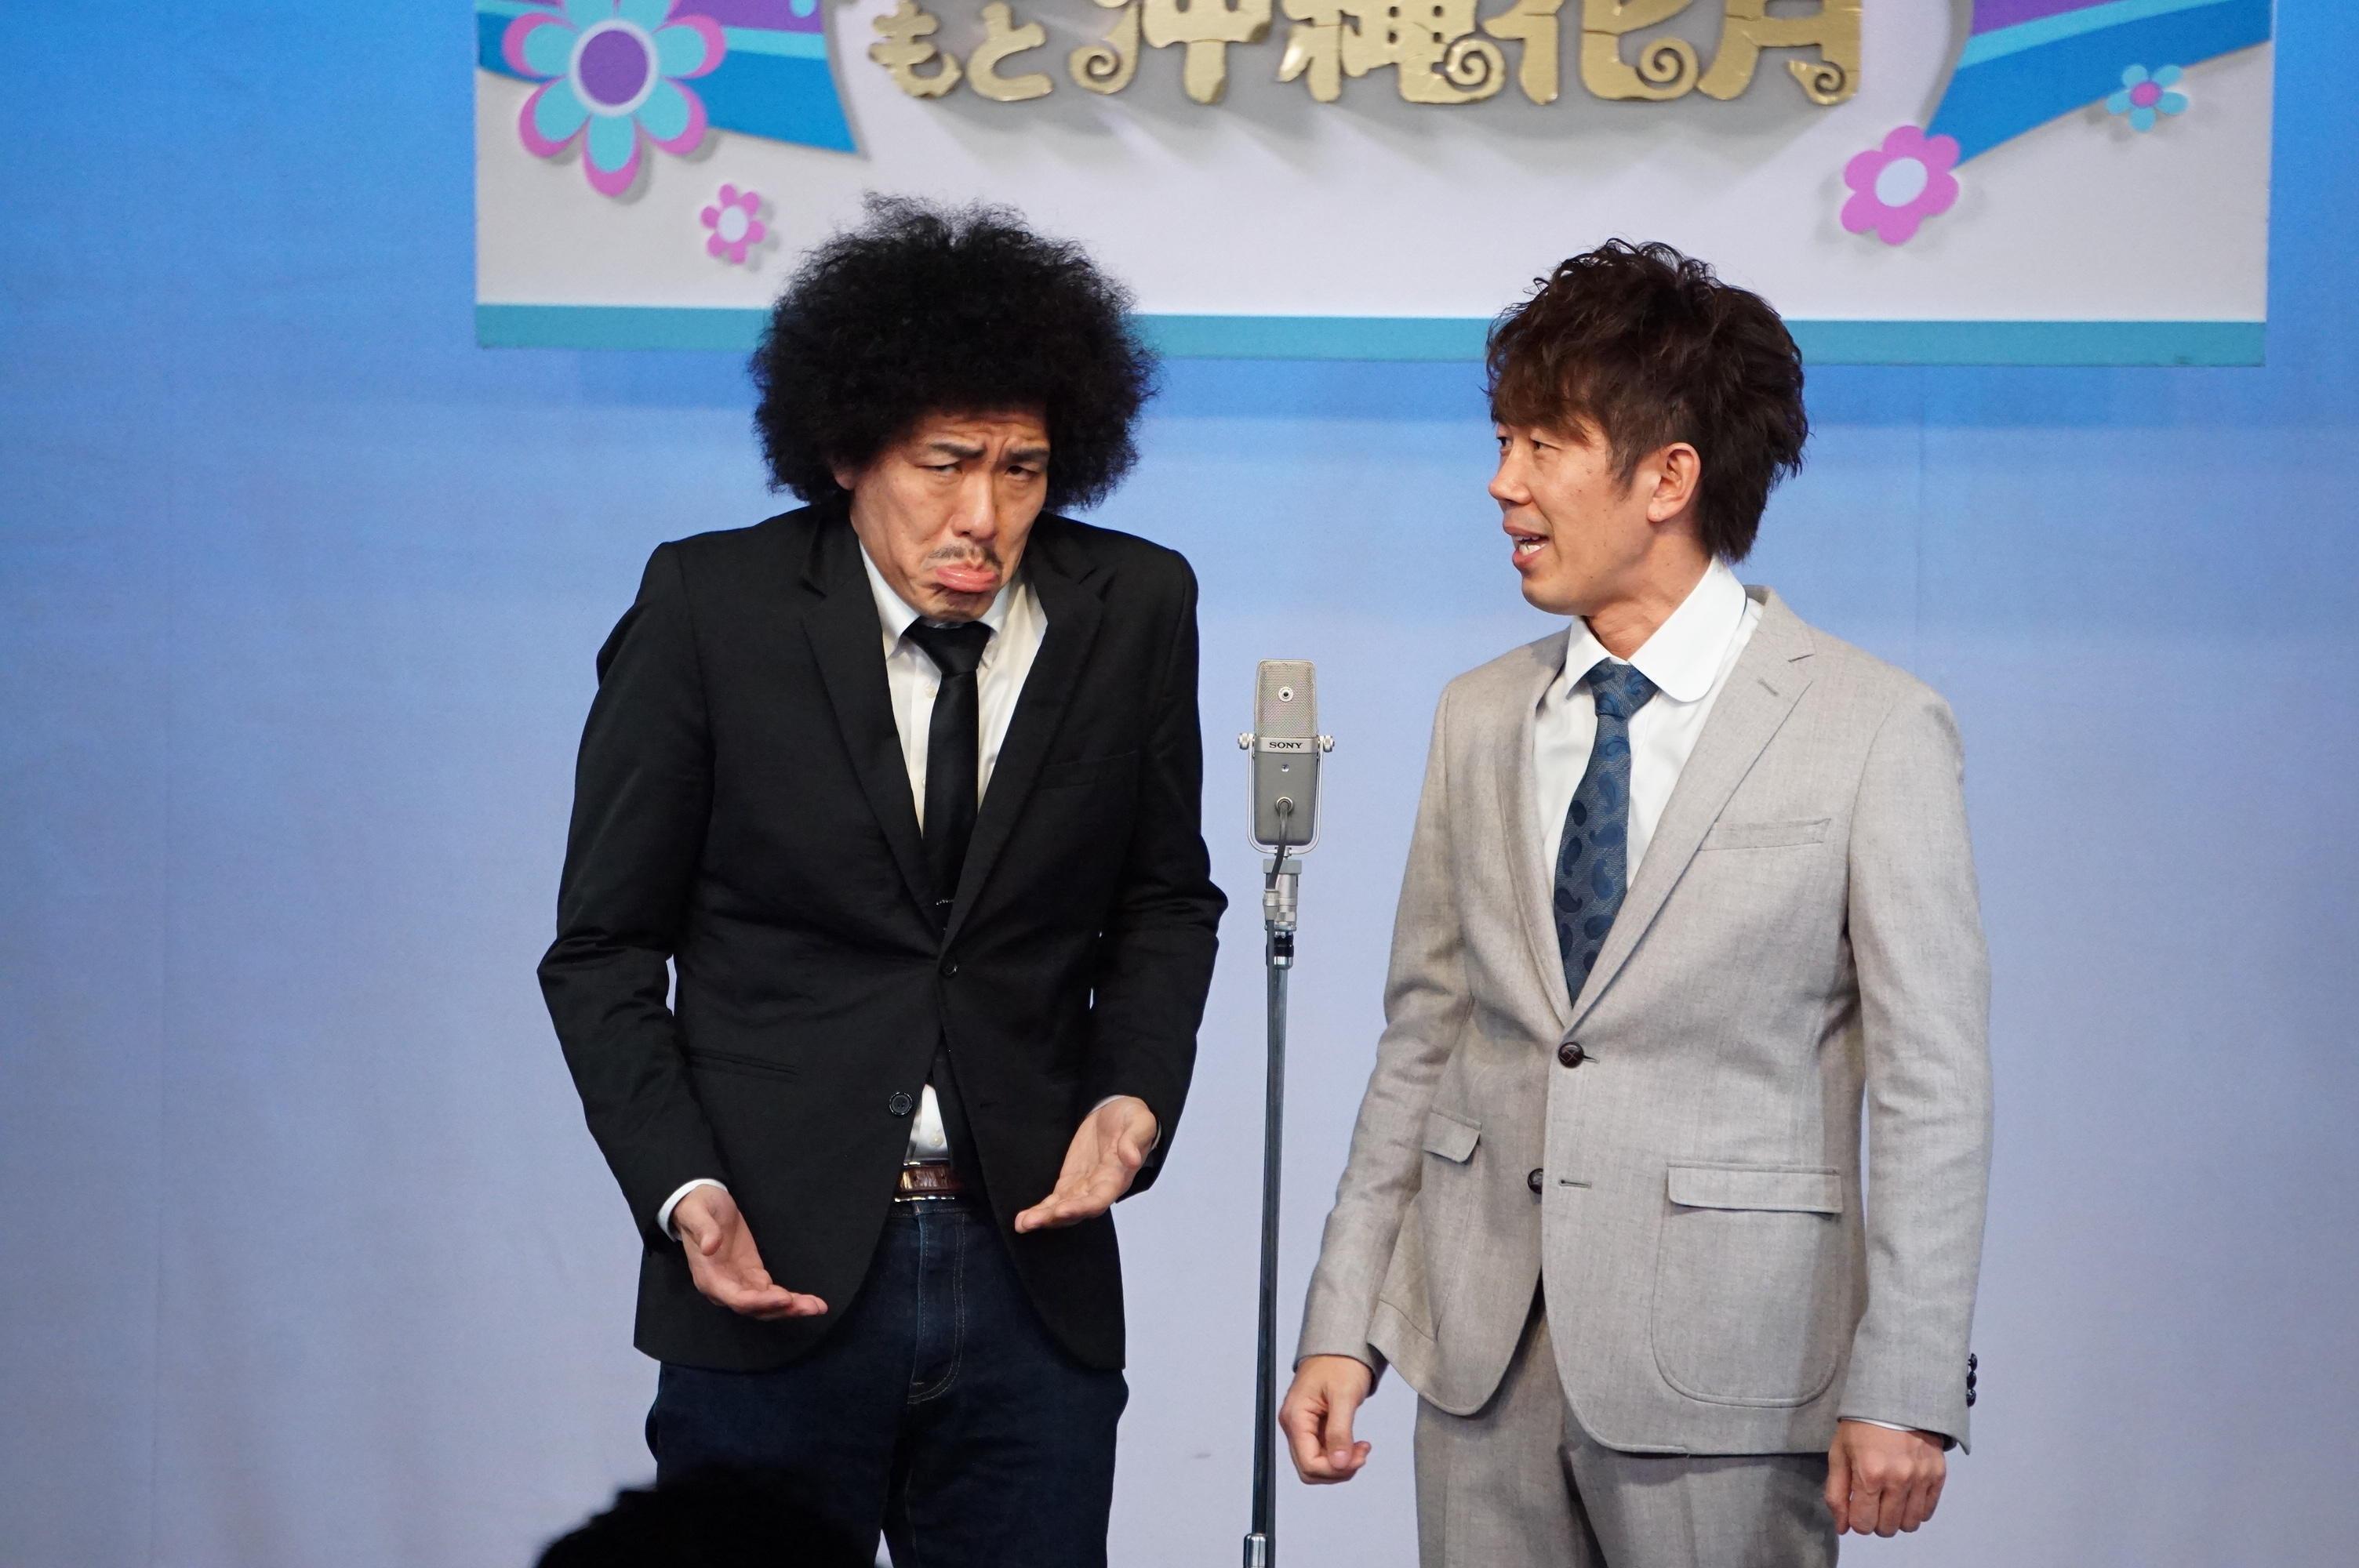 http://news.yoshimoto.co.jp/20170314201644-97f694cdb681e62da198ae358786af6279f5a77e.jpg